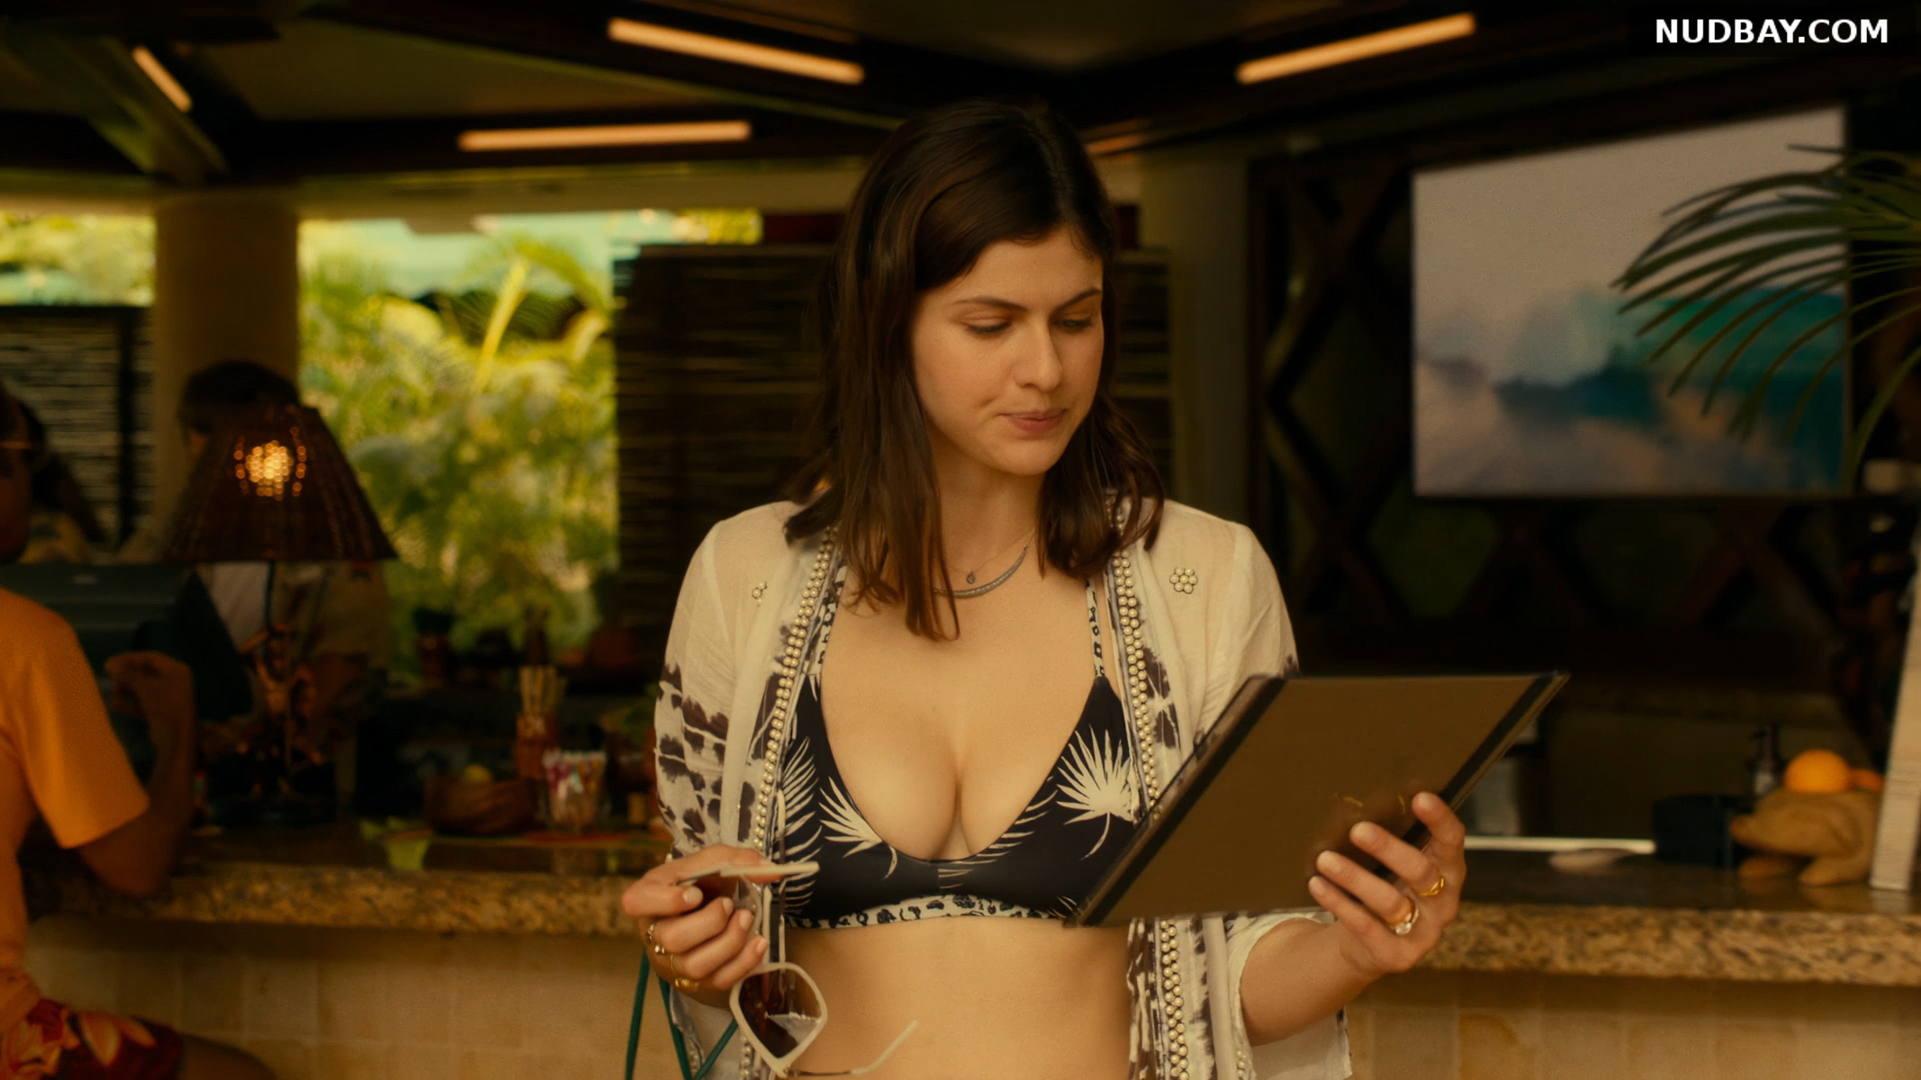 Alexandra Daddario boobs The White Lotus S01E03 (2021)